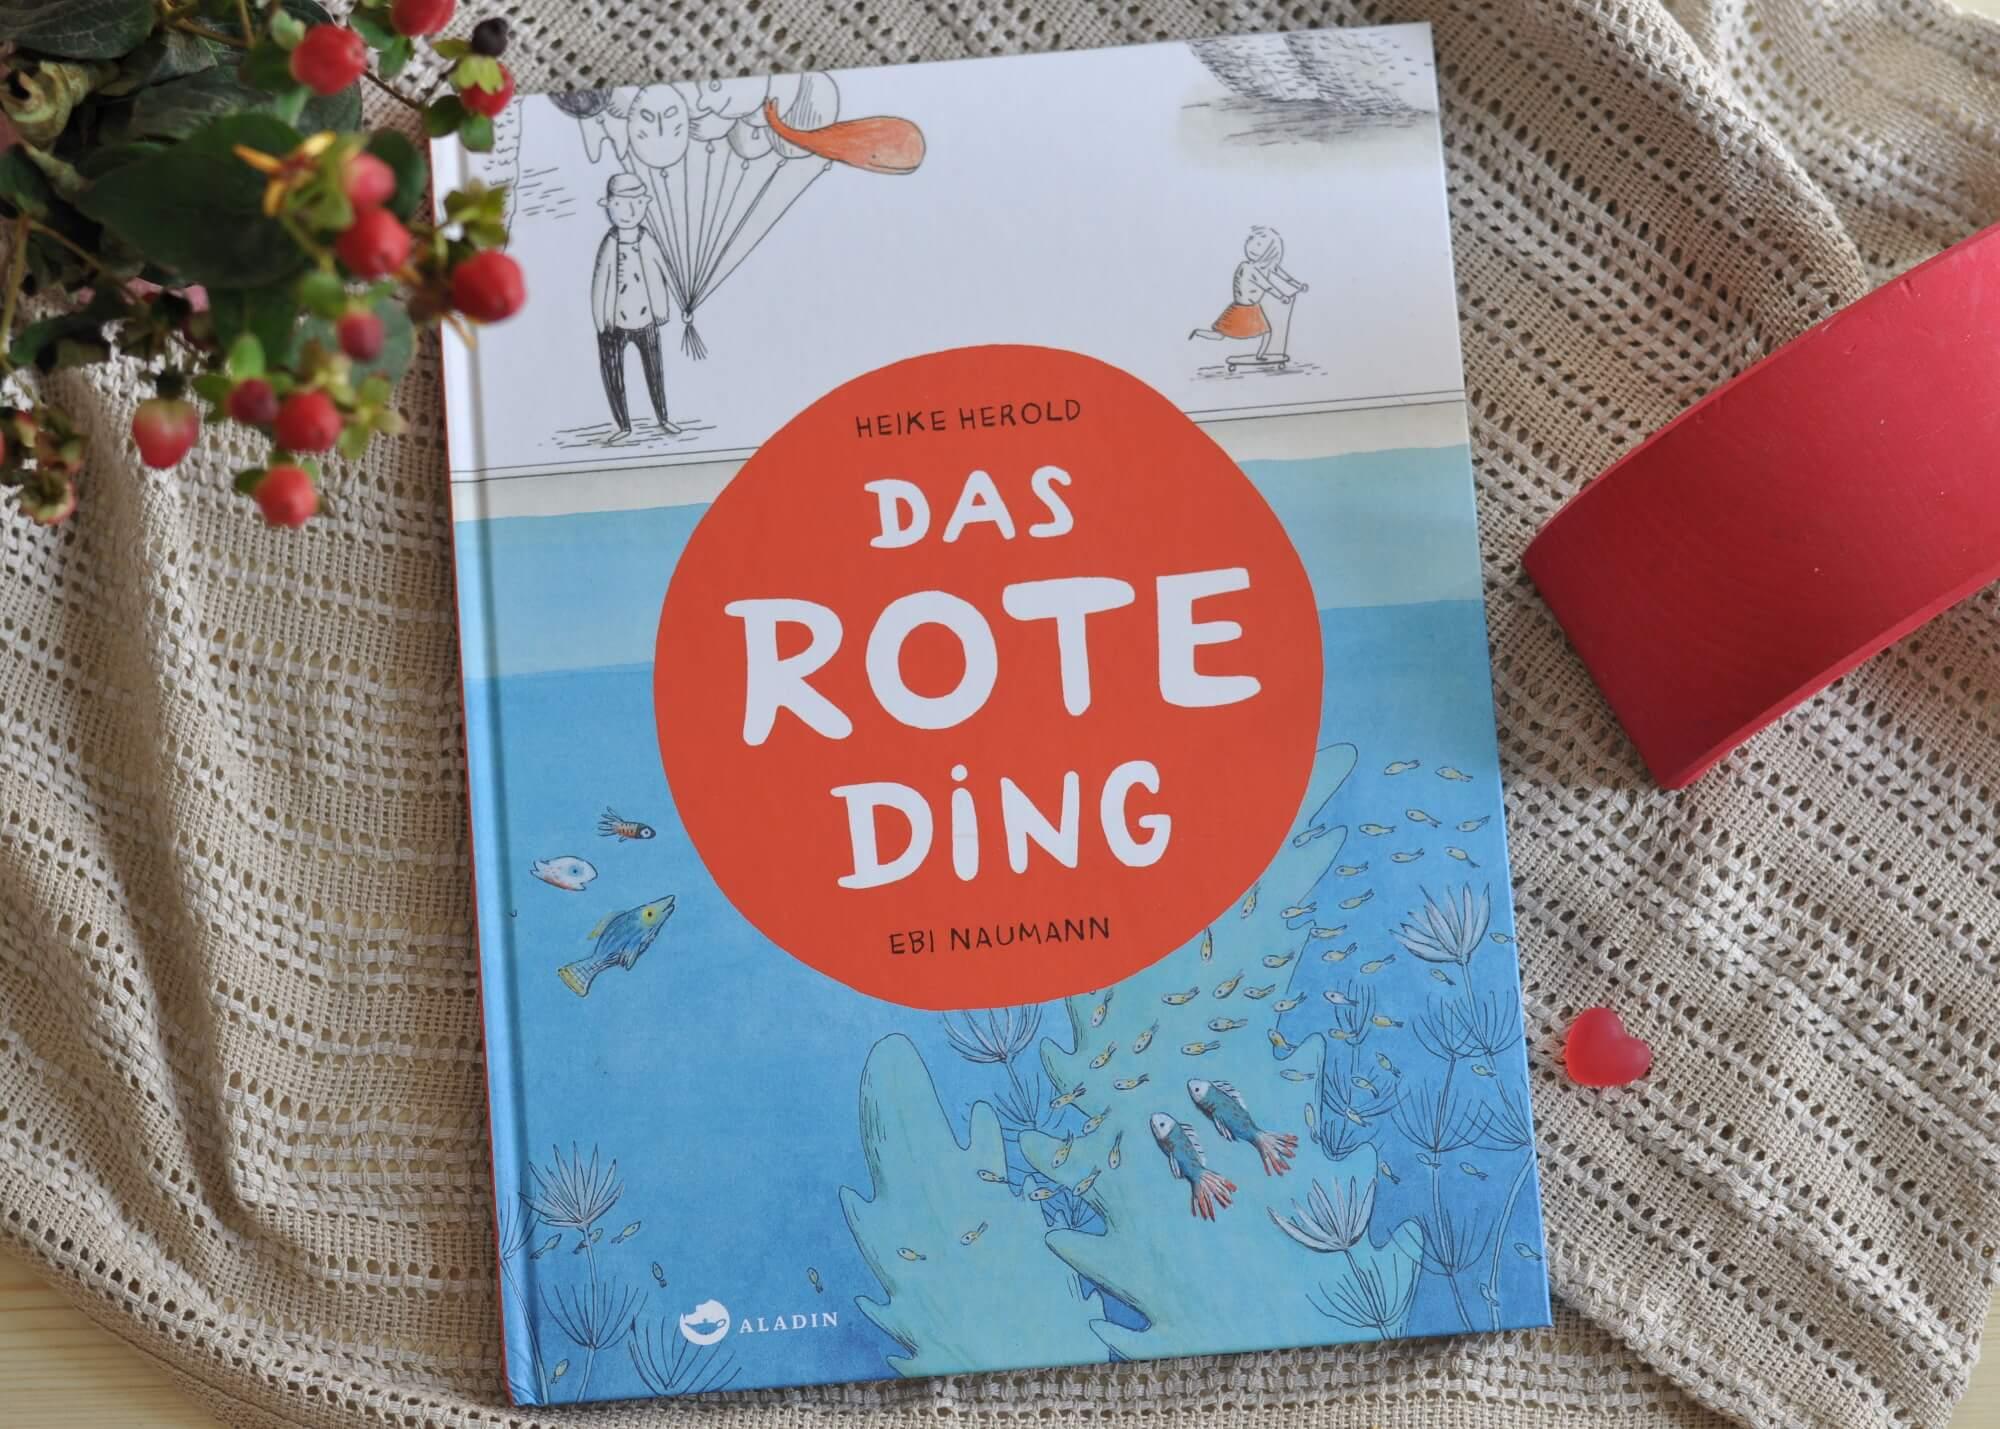 Im Fluss, dicht unter der Wasseroberfläche, treibt ein rotes Ding. Was könnte das nur sein? Vielleicht die Schwanzflosse eines riesigen Wals? Ein fantasievolles Ratespiel, bei dem kleine Zuhörer mitreimen können. #fantasie #bilderbuch #reime #kinder #lesen #vorlesen #mitraten